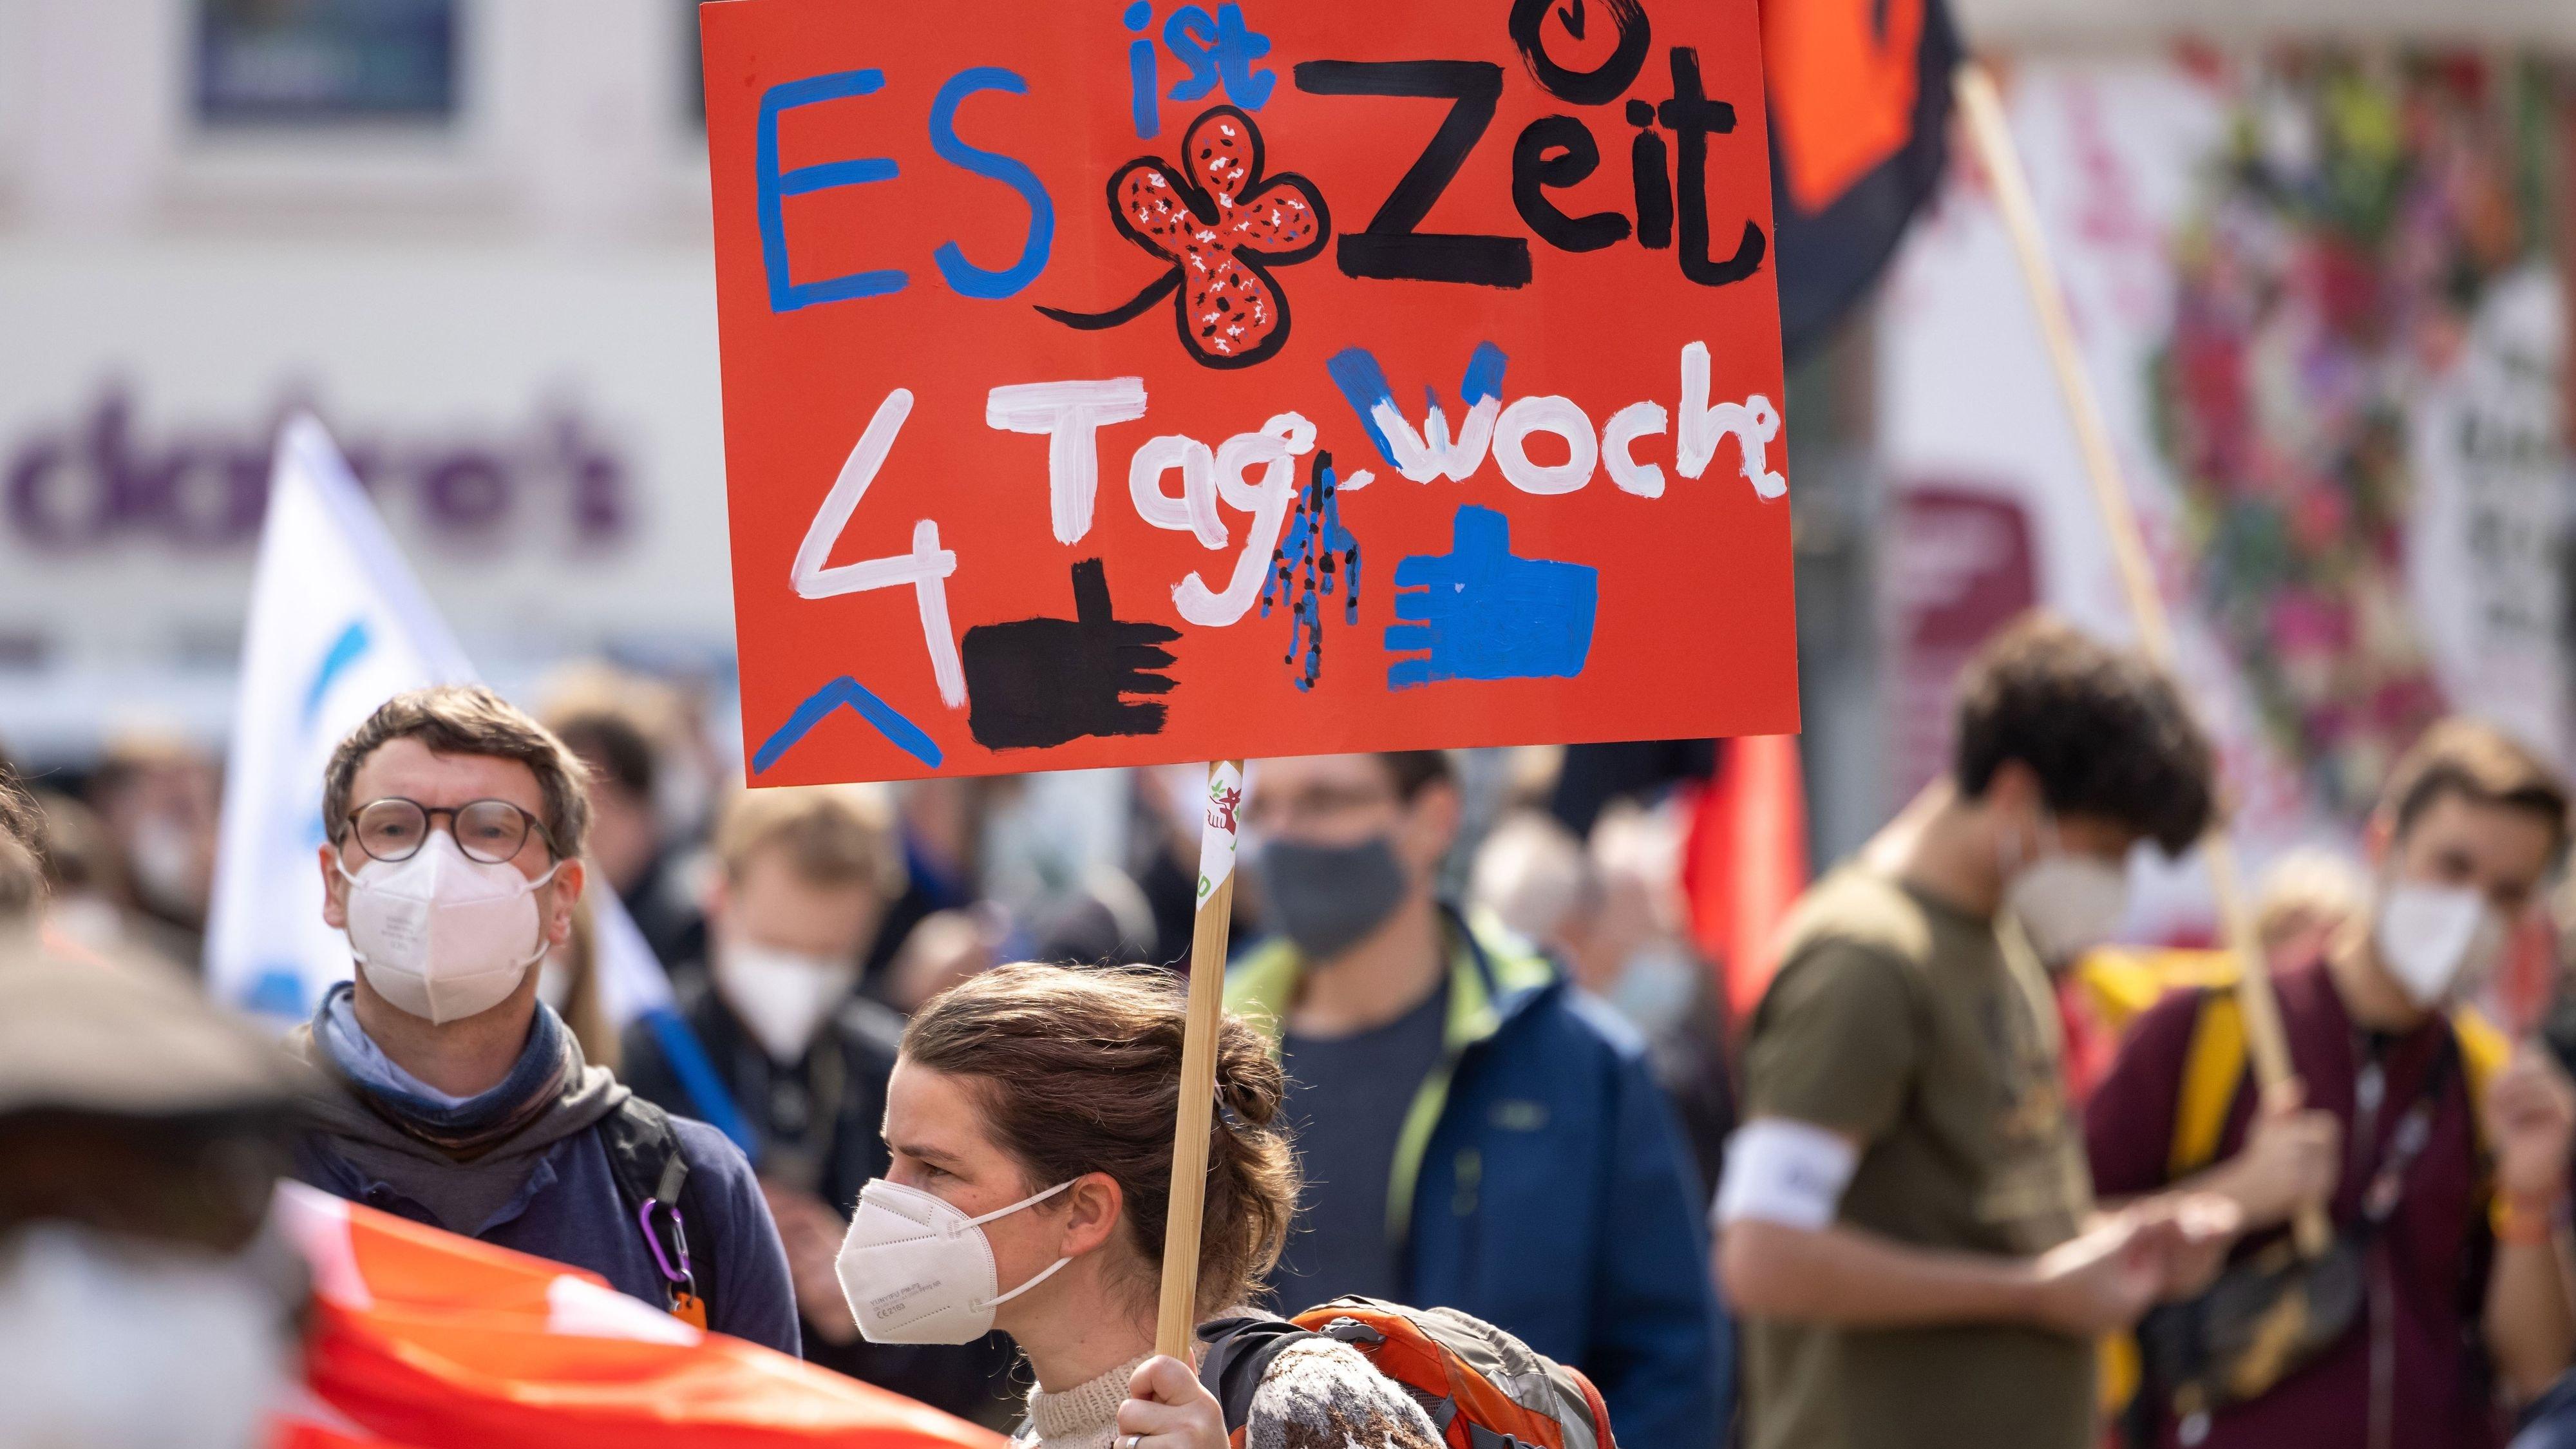 Forderung der Gewerkschaften am 1. Mai: Die 4-Tage-Woche hält jetzt allerdings Einzug im örtlichen Handwerk. Symbolfoto: dpa / Reichel